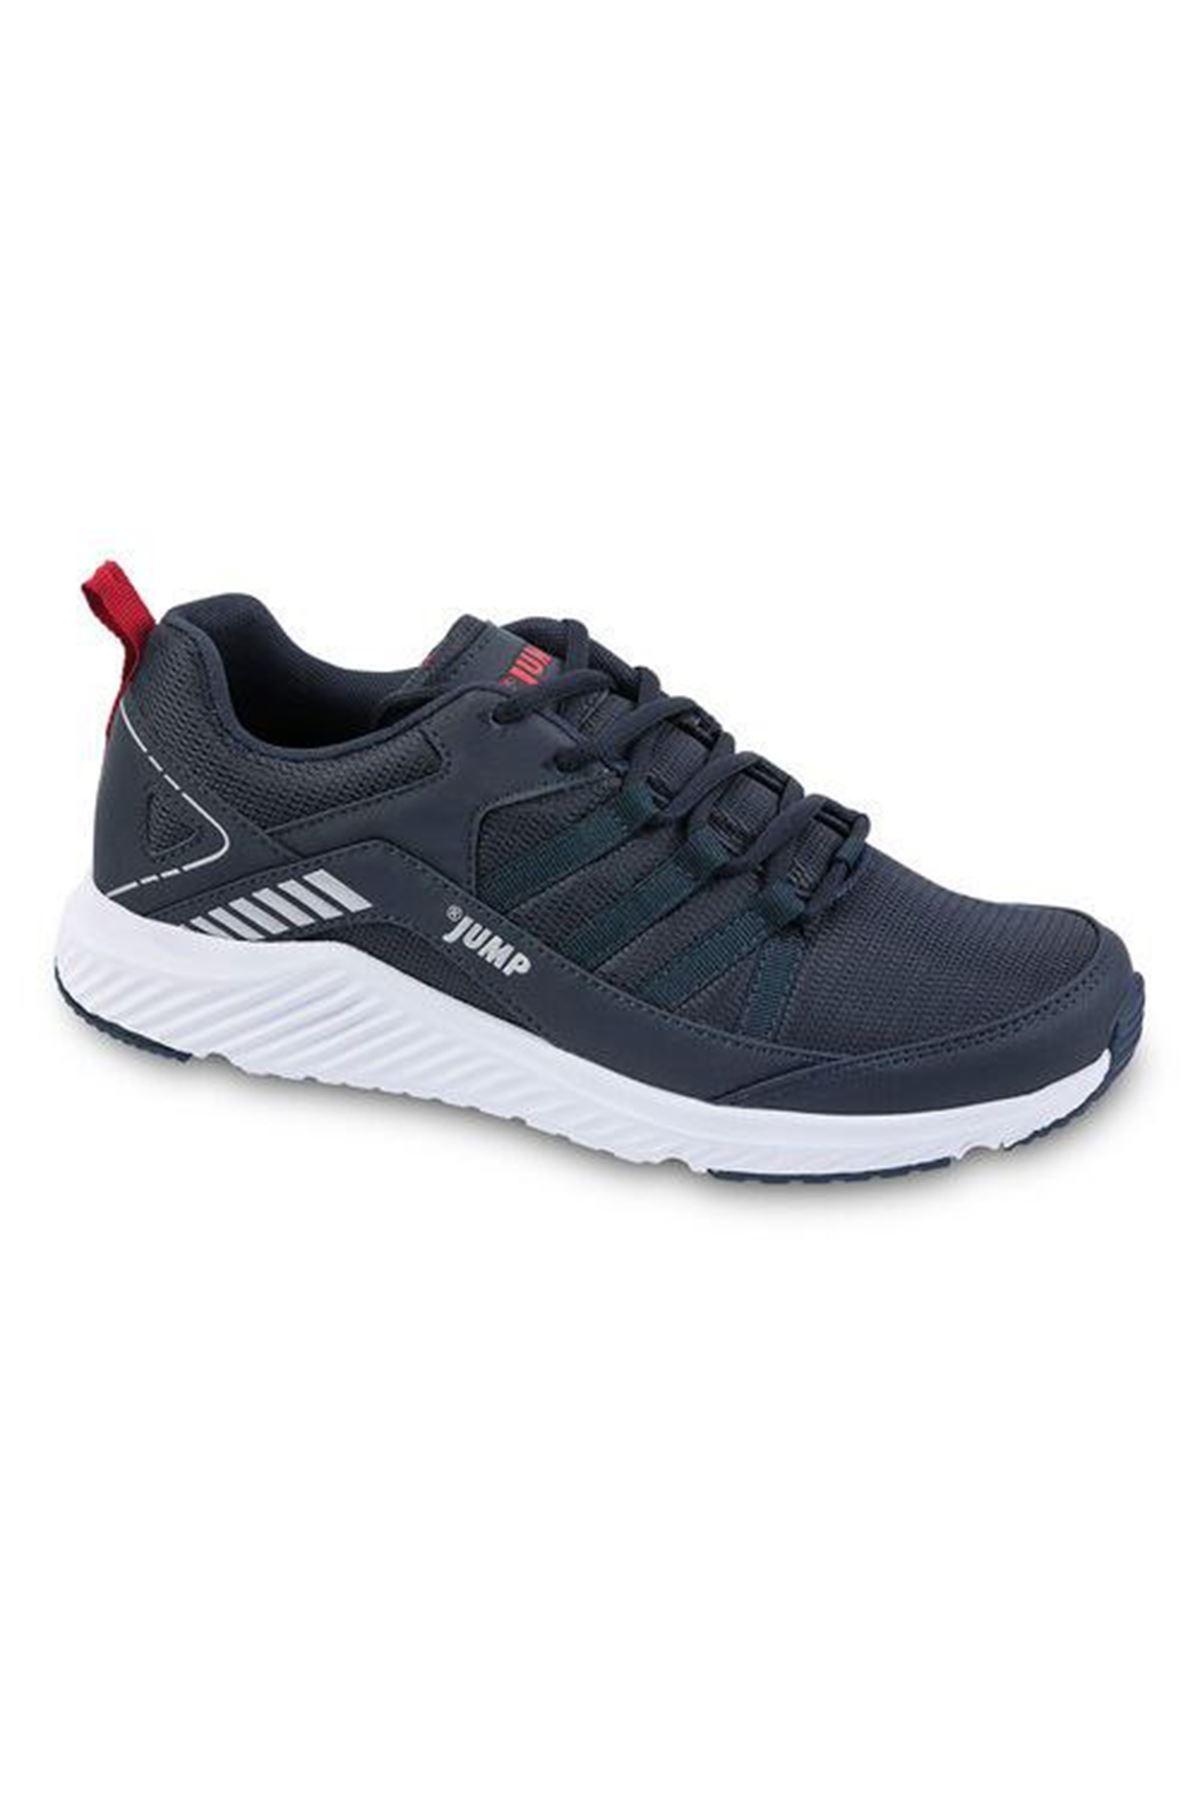 Lacivert Erkek Spor Ayakkabı Fileli Rahat 24865